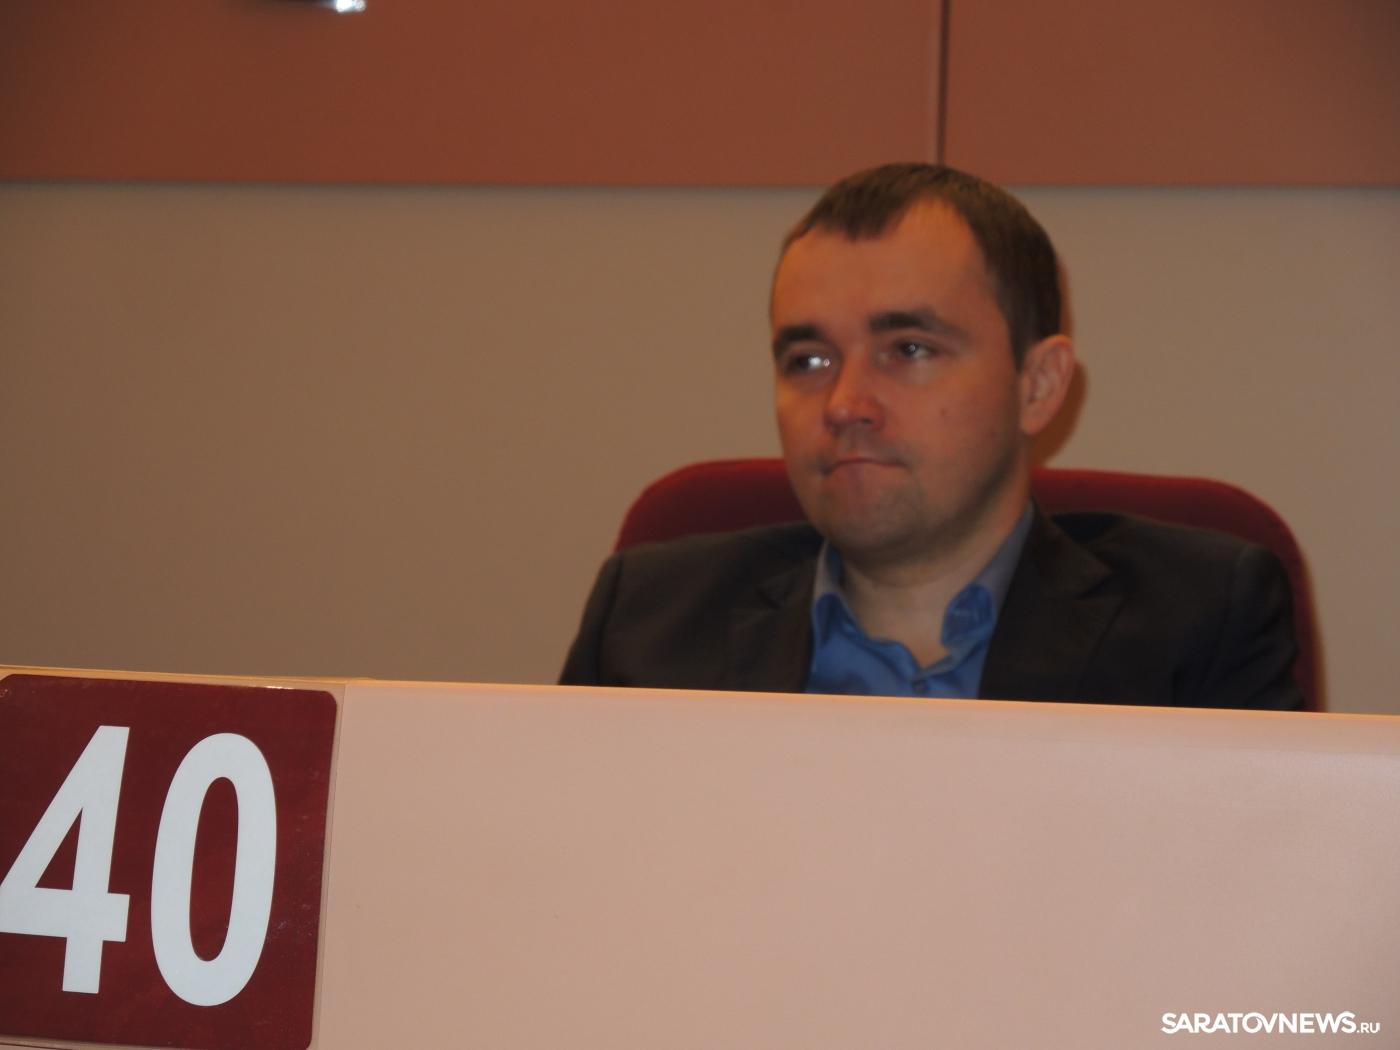 64-е заседание Саратовской областной думы. Сергей Нестеров